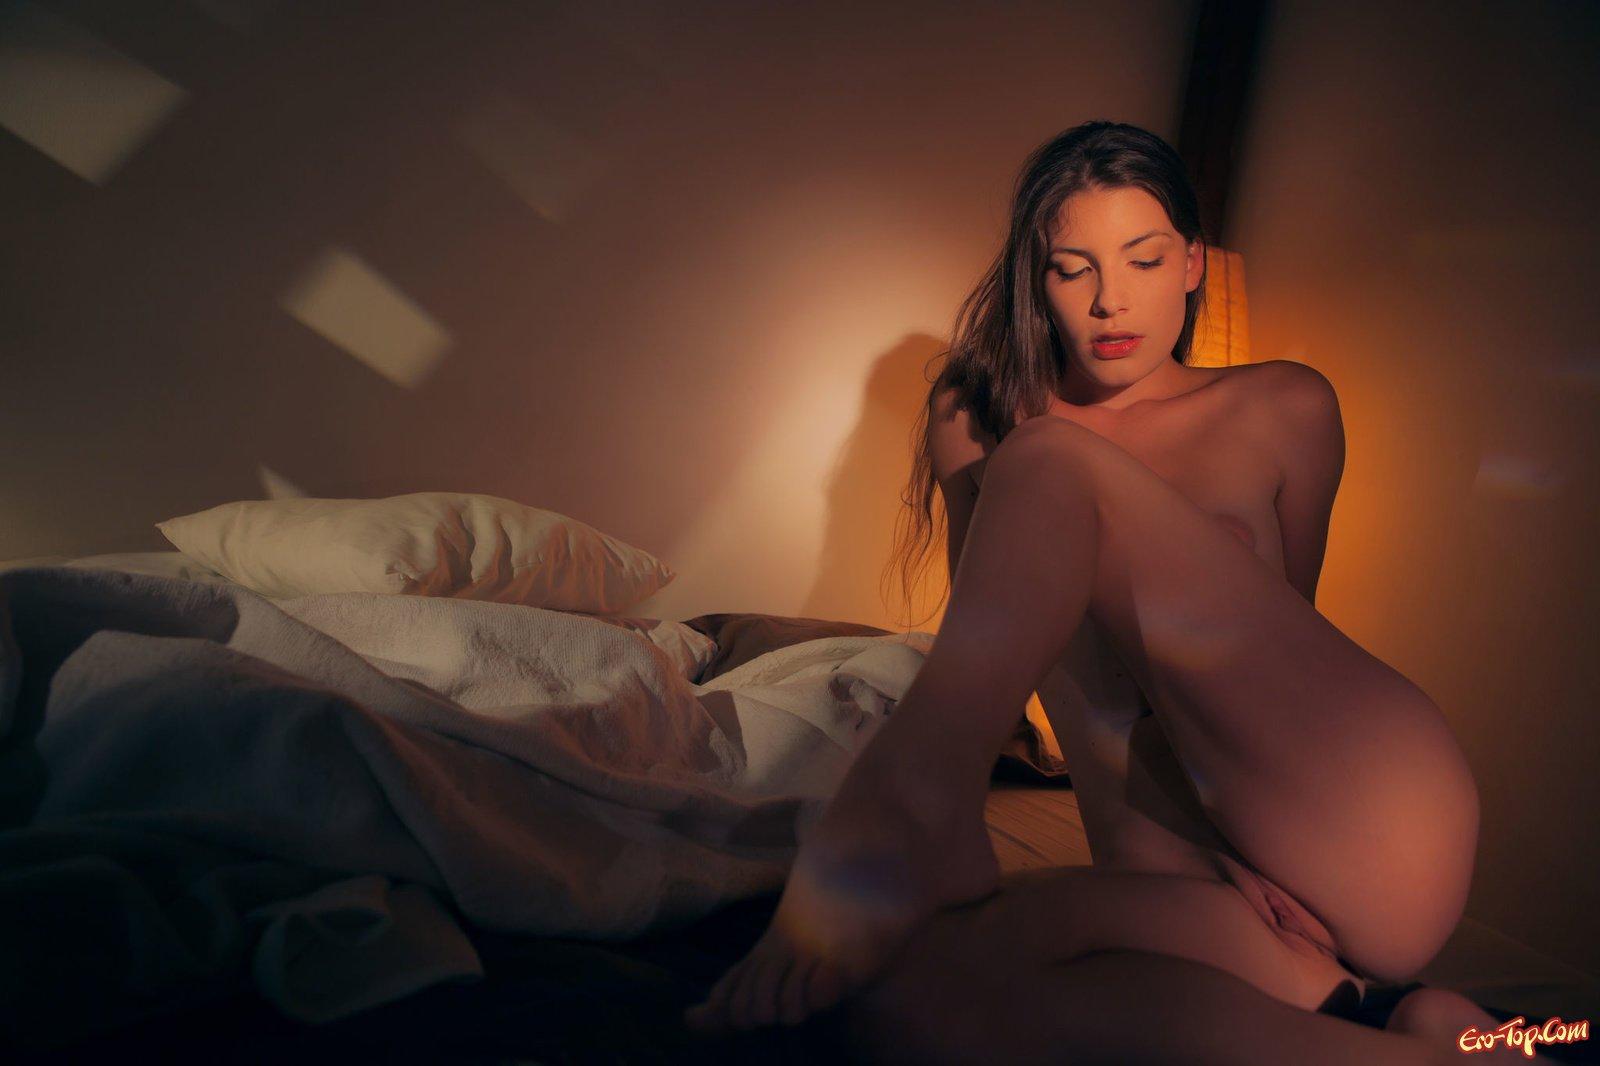 Любит эротические фотографии в спальне разговаривает русское порно